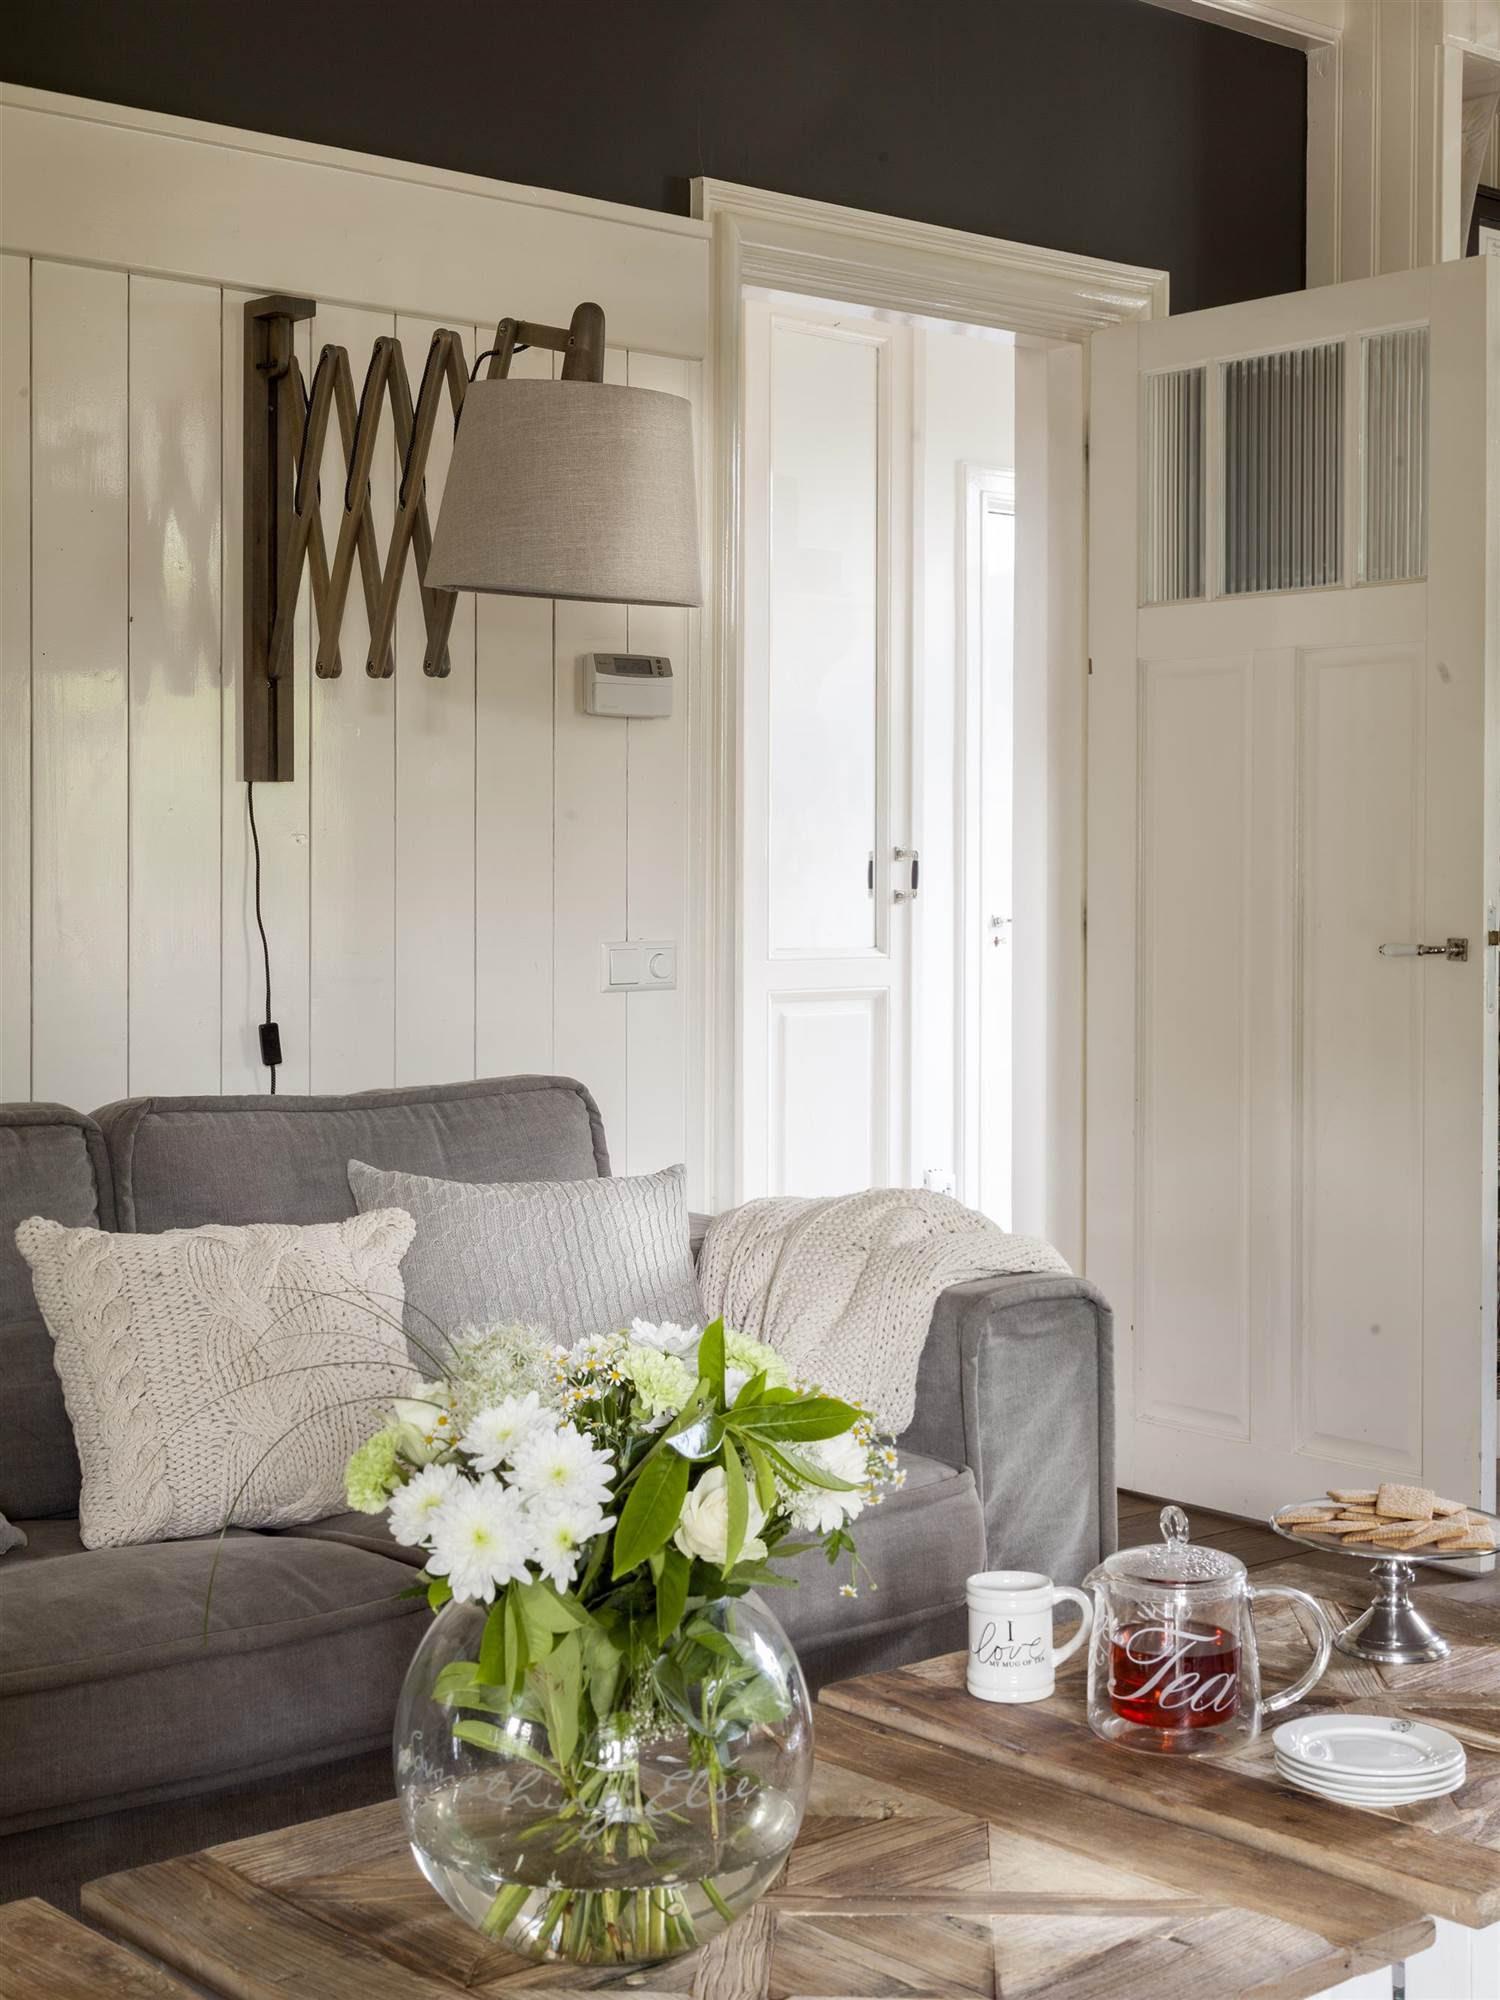 00409045_O. Salón con sofá gris, pared revestida de madera blanca y una gran lámpara sobre el sofá_00409045_O